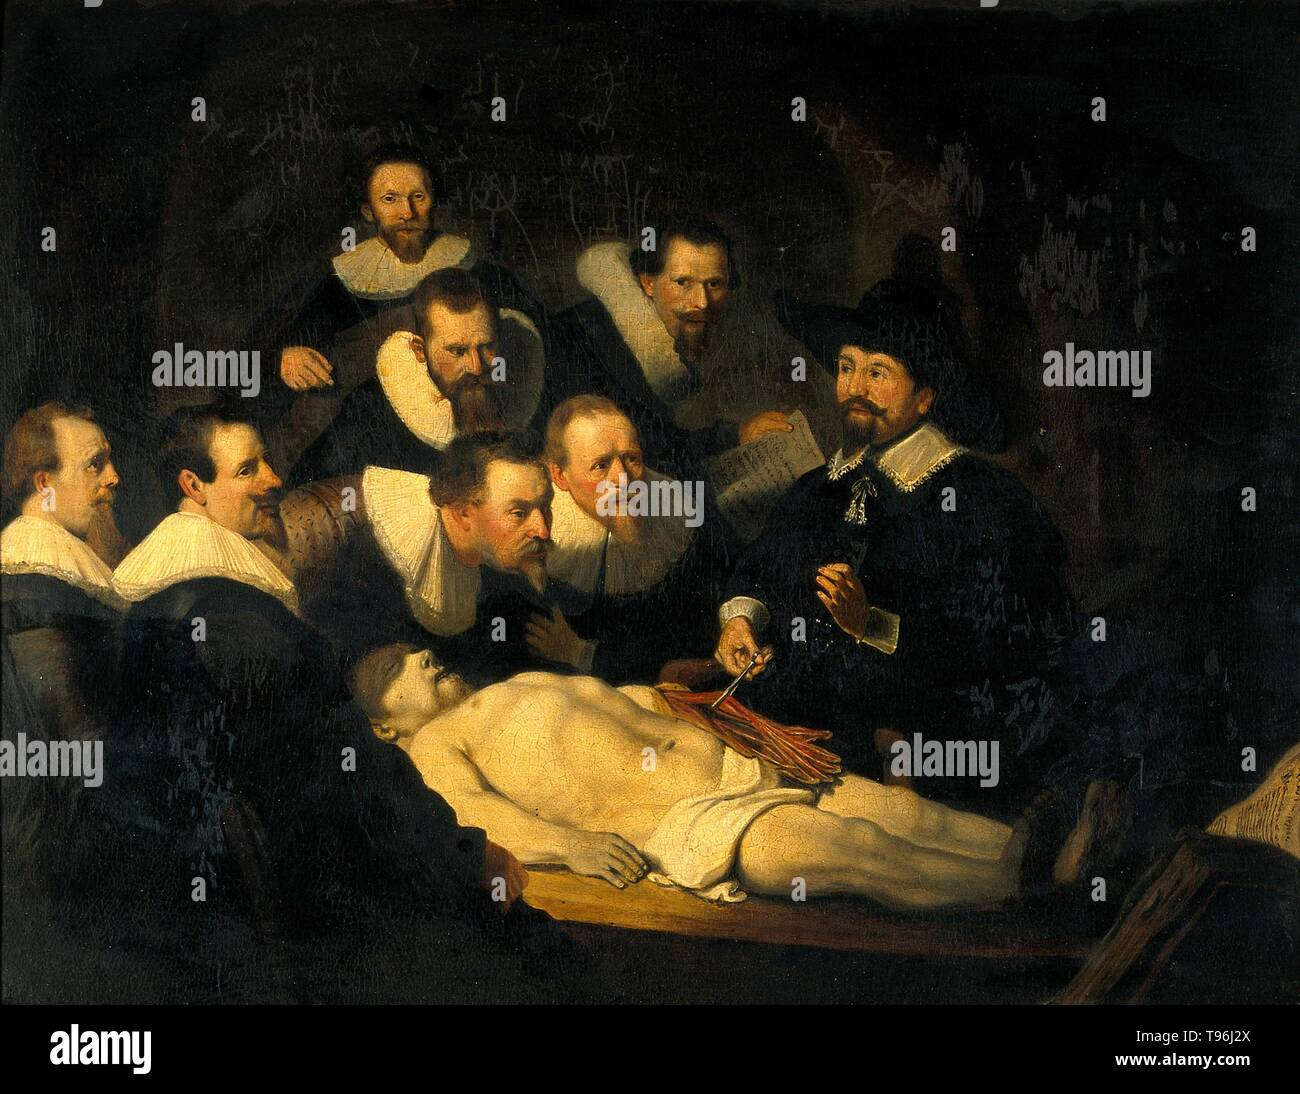 """Titolo: """"La lezione di anatomia del dottor Nicolaes Tulp"""" la riproduzione della pittura di Rembrandt van Rijn. Dissezione umana viene comunemente praticato nell'insegnamento di anatomia per gli studenti di medicina. Nessun divieto universale di dissezione o autopsia è stata esercitata durante il Medioevo. In alcuni paesi europei ha iniziato a legalizzare la dissezione dei criminali eseguito per scopi didattici nel tardo XIII e inizi del XIV secolo. La Lezione di anatomia del dottor Nicolaes Tulp è un 1632 olio su tela di Rembrandt. Tulp è raffigurato per spiegare la muscolatura del braccio per i professionisti del settore medico. Alcuni o Immagini Stock"""